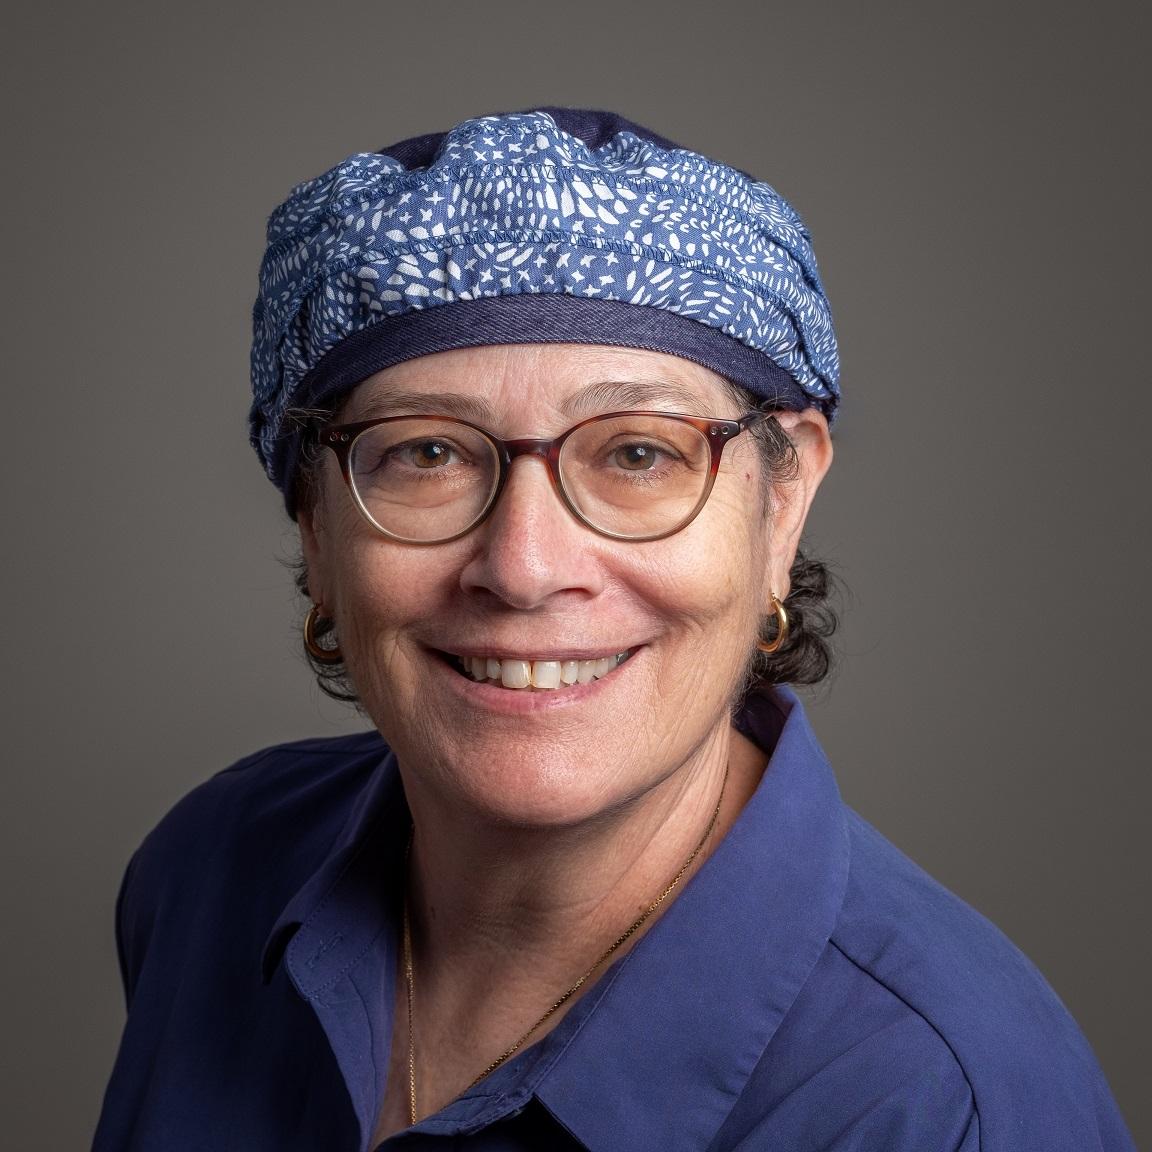 אודרי גרבר, מתנדבת העמותה